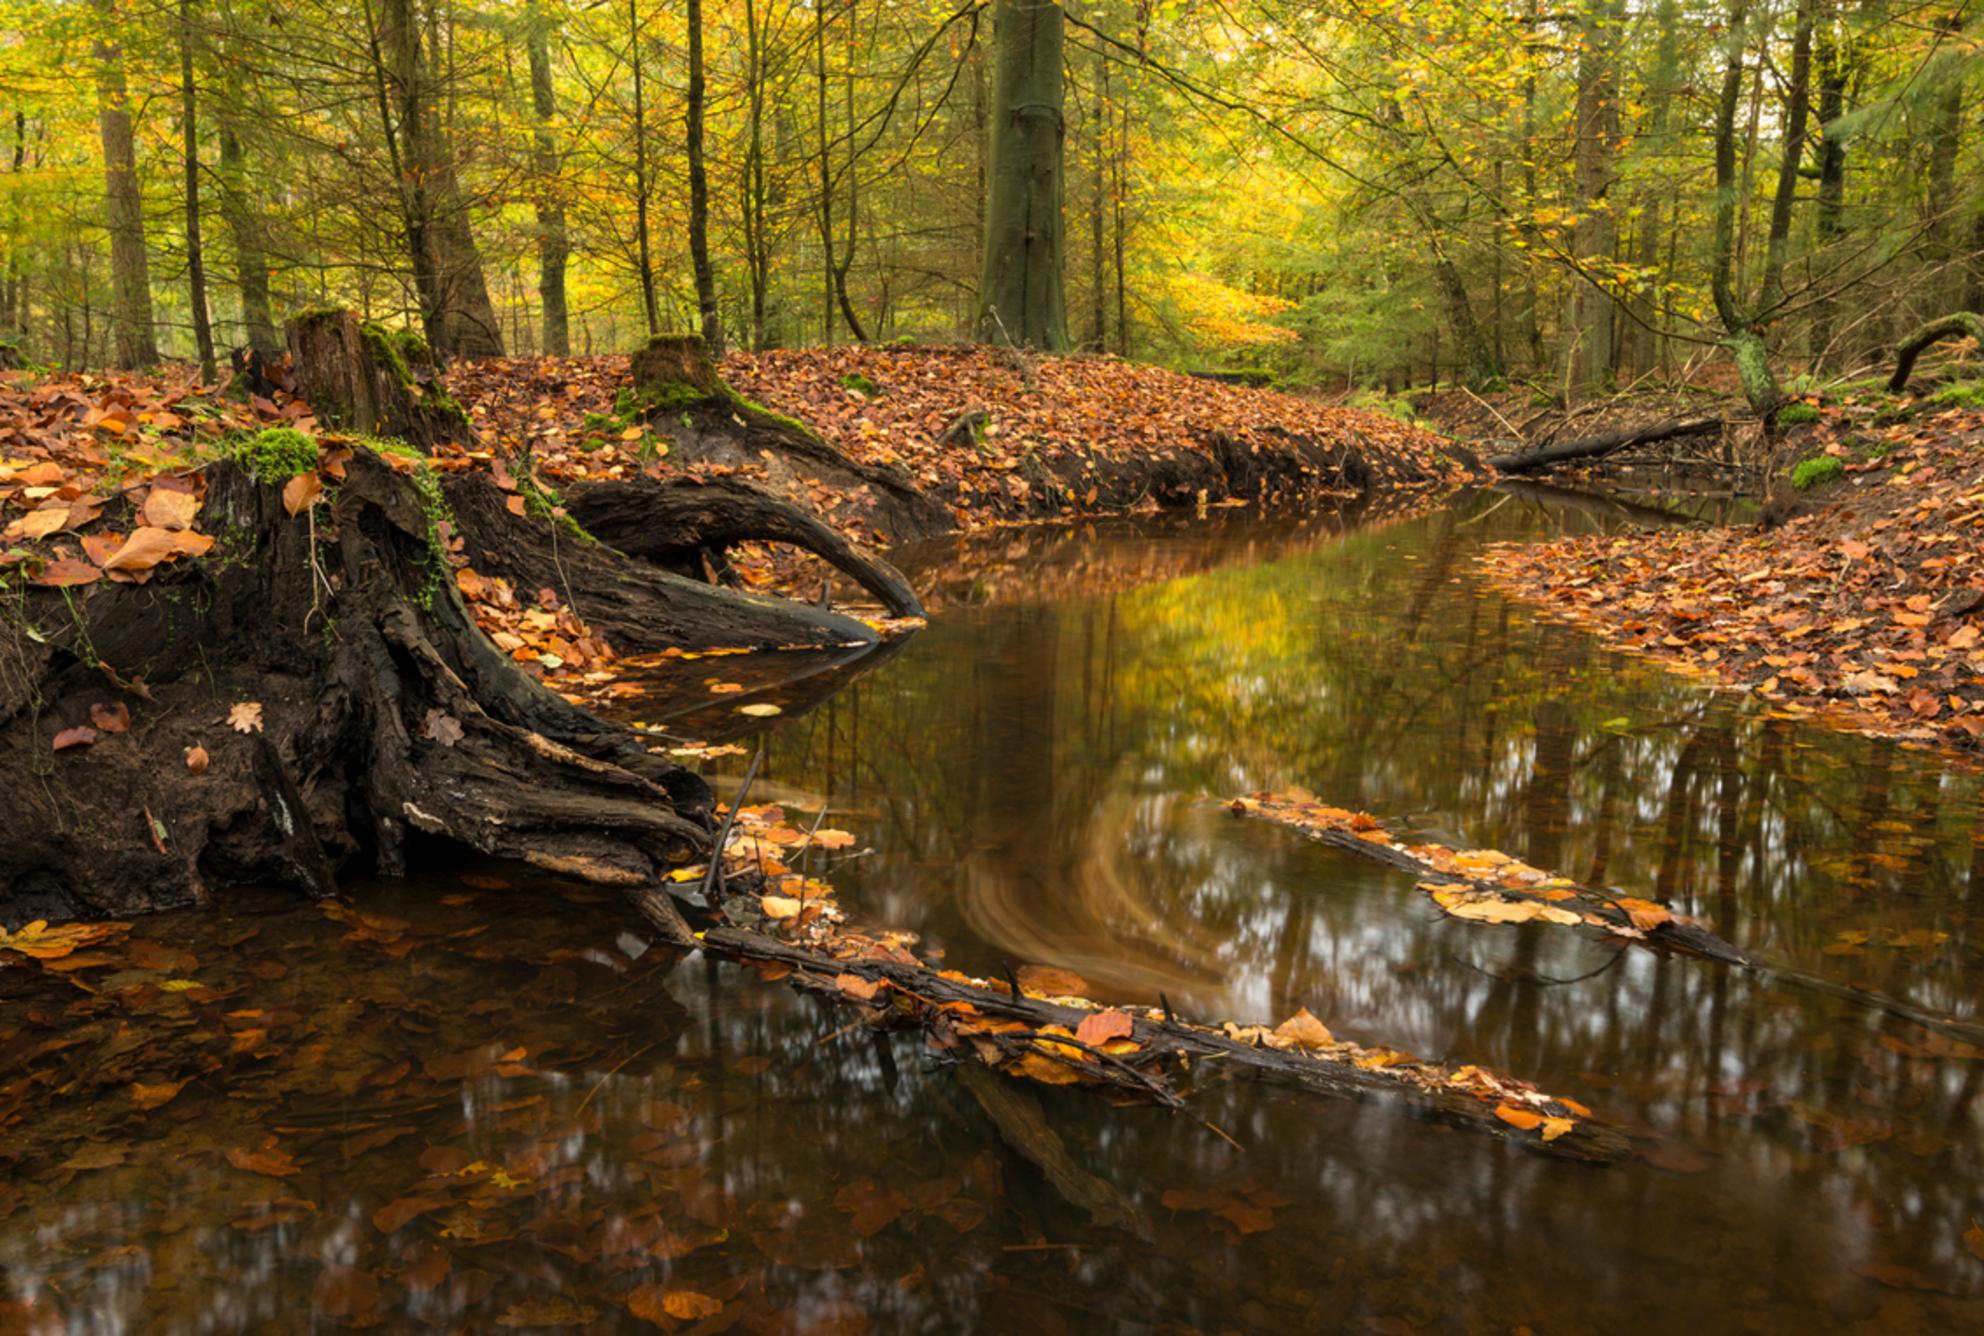 Hersft - Herfst in de Nederlandse bossen, in dit geval de Leuvenumse Beek.  Wegens Corona de trip naar de Hoge Venen in Belgie afgezegd en in Nederland op zo - foto door weimaraan op 03-11-2020 - deze foto bevat: groen, boom, water, natuur, geel, licht, herfst, blad, landschap, bos, nederland, stroom, beek, herfstkleuren, herfstbos - Deze foto mag gebruikt worden in een Zoom.nl publicatie